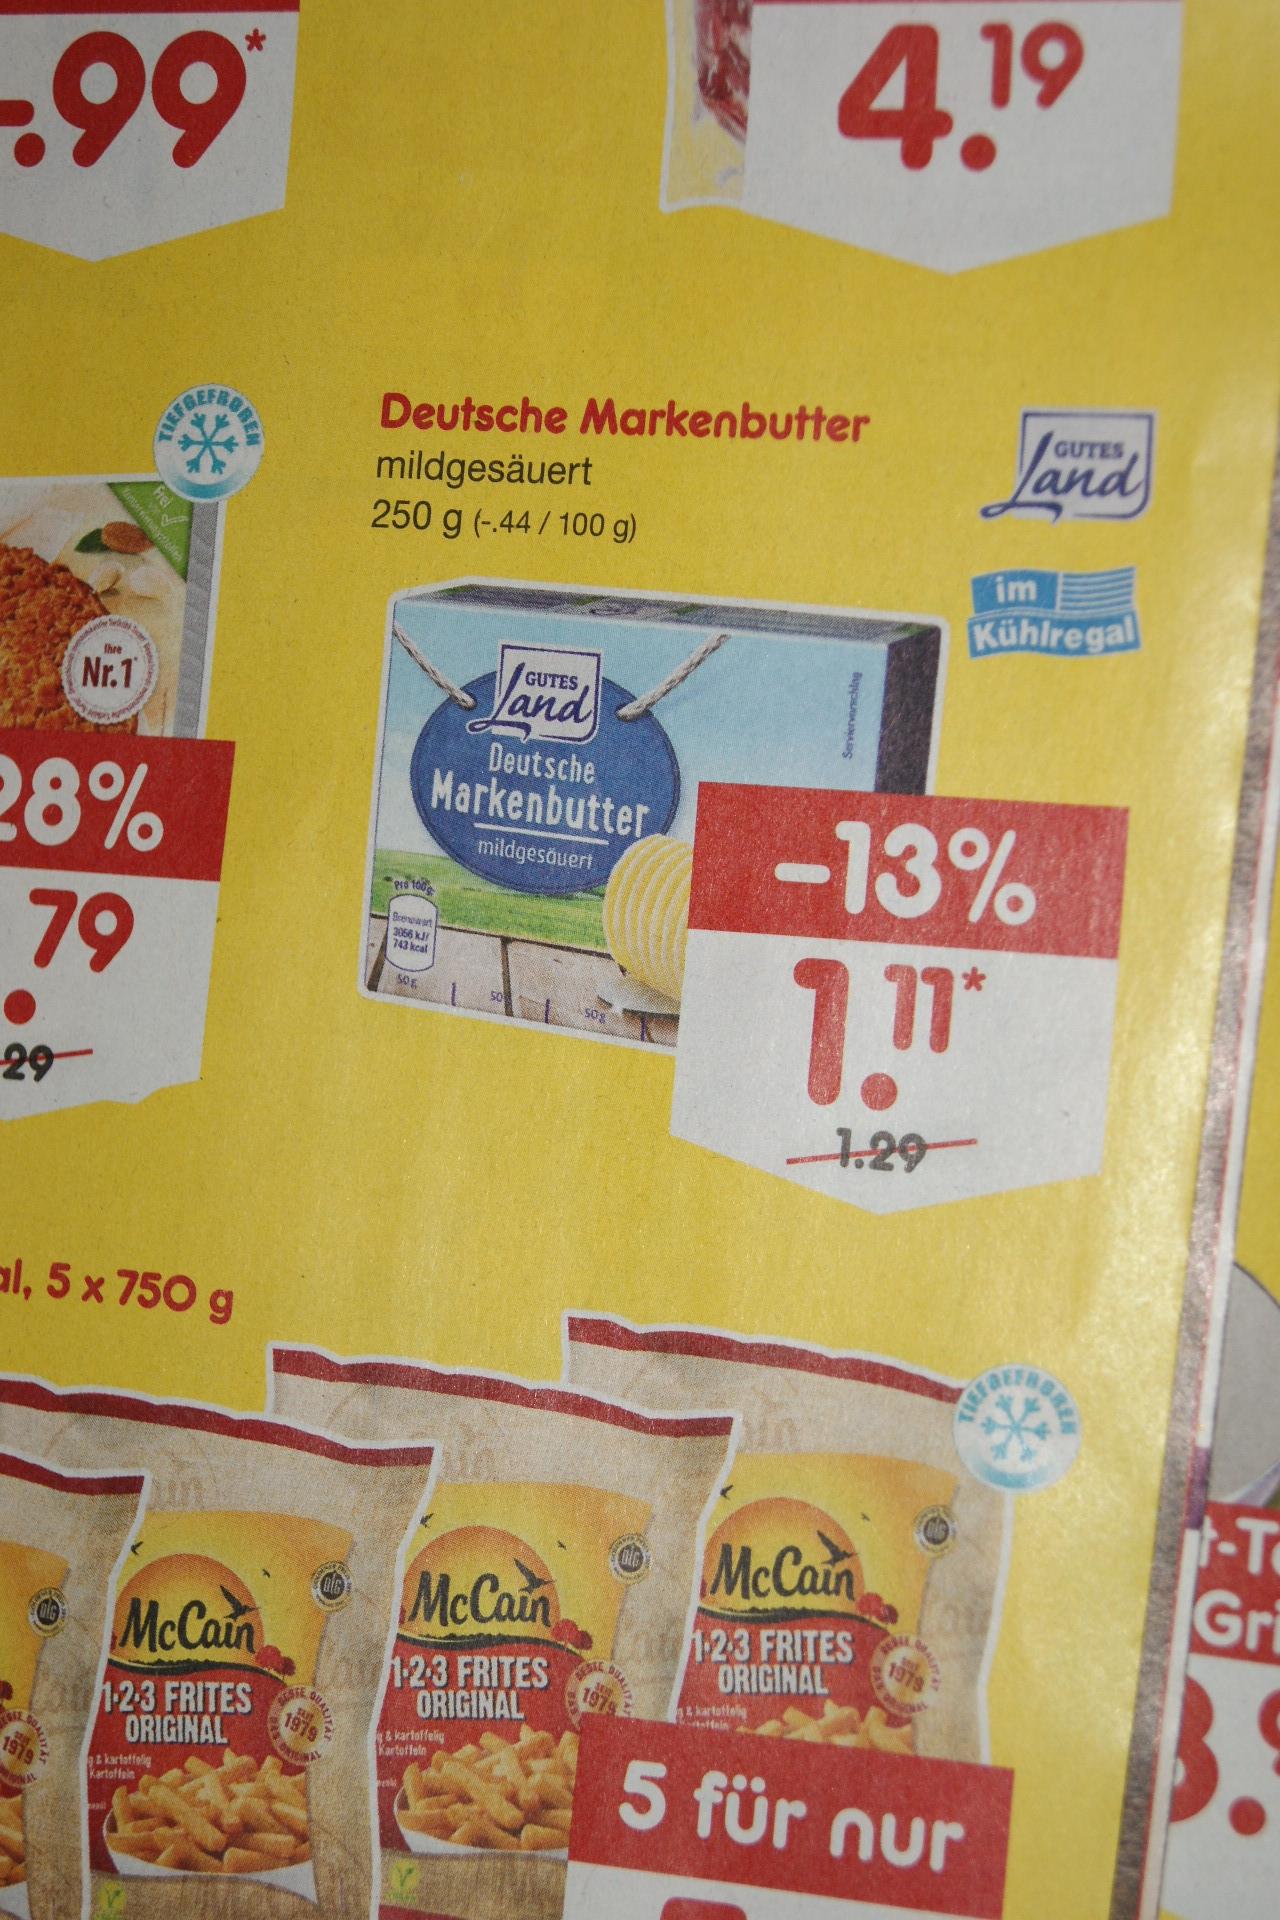 Deutsche Markenbutter für 1,11 Euro ab 12.9. bei netto bundesweit. Derzeitiger Bestpreis!